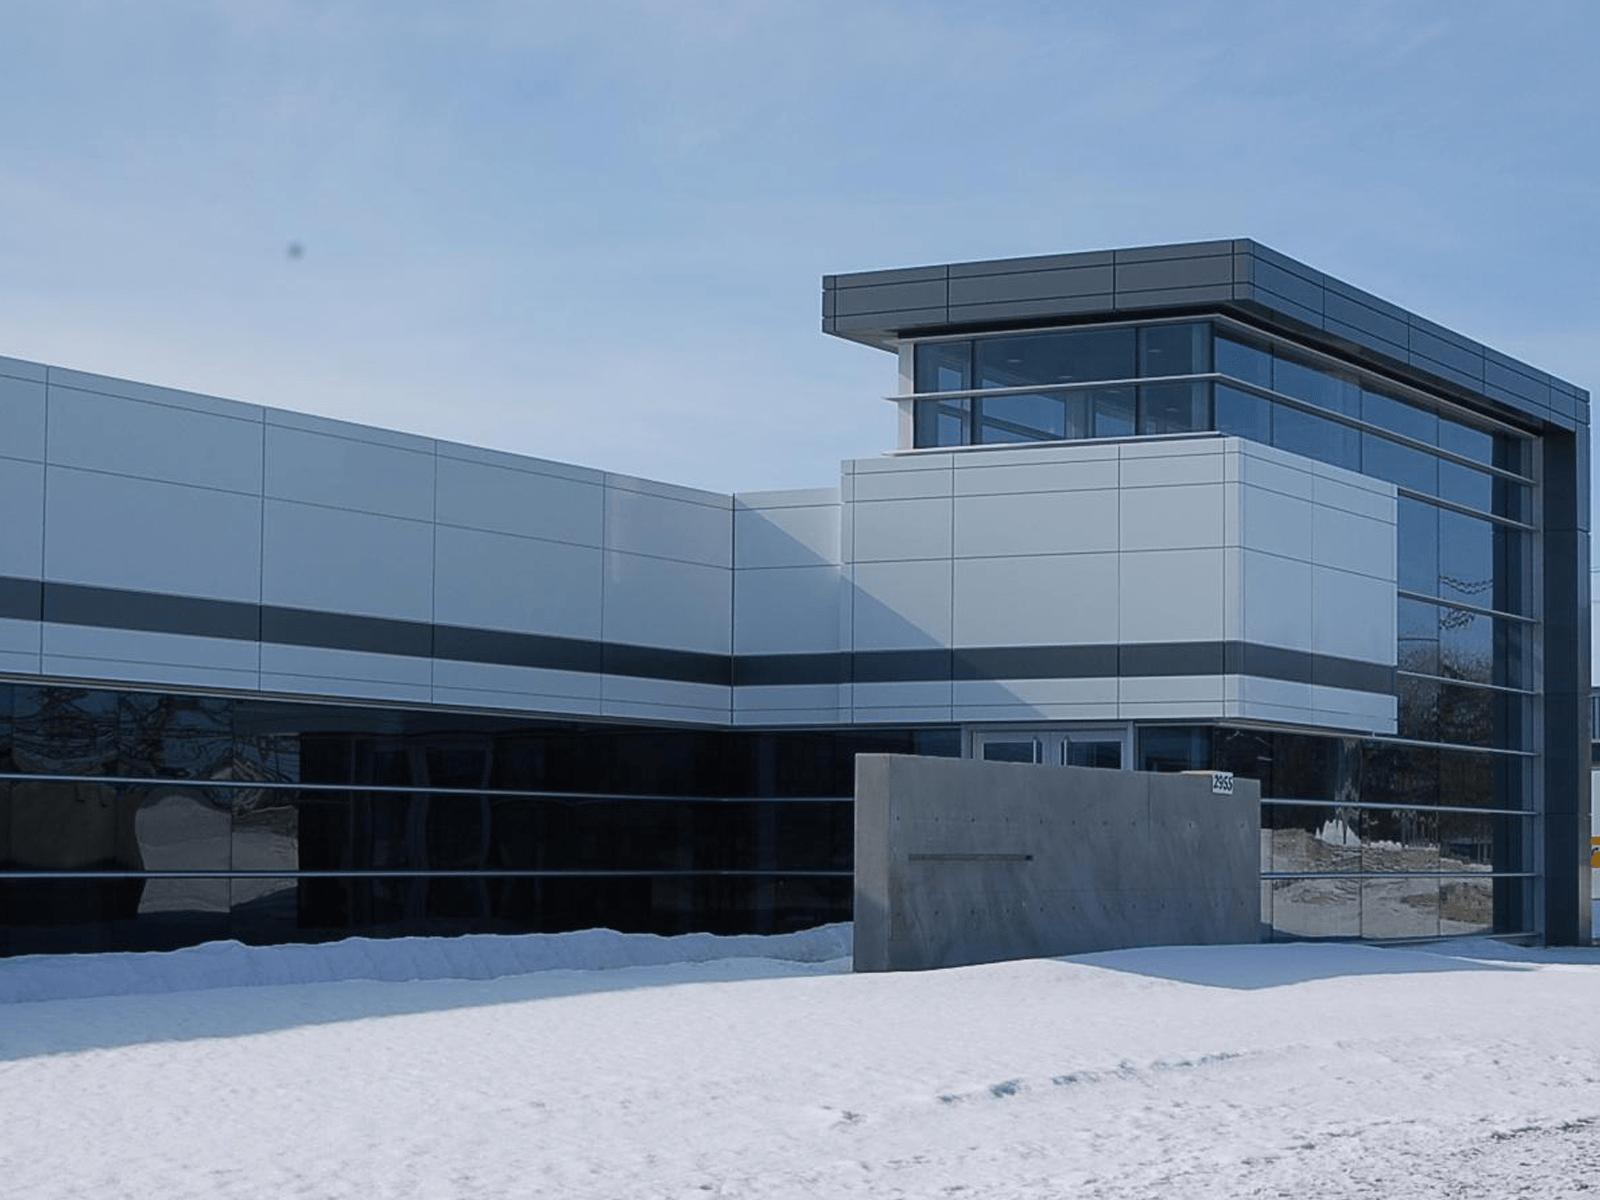 biena_building